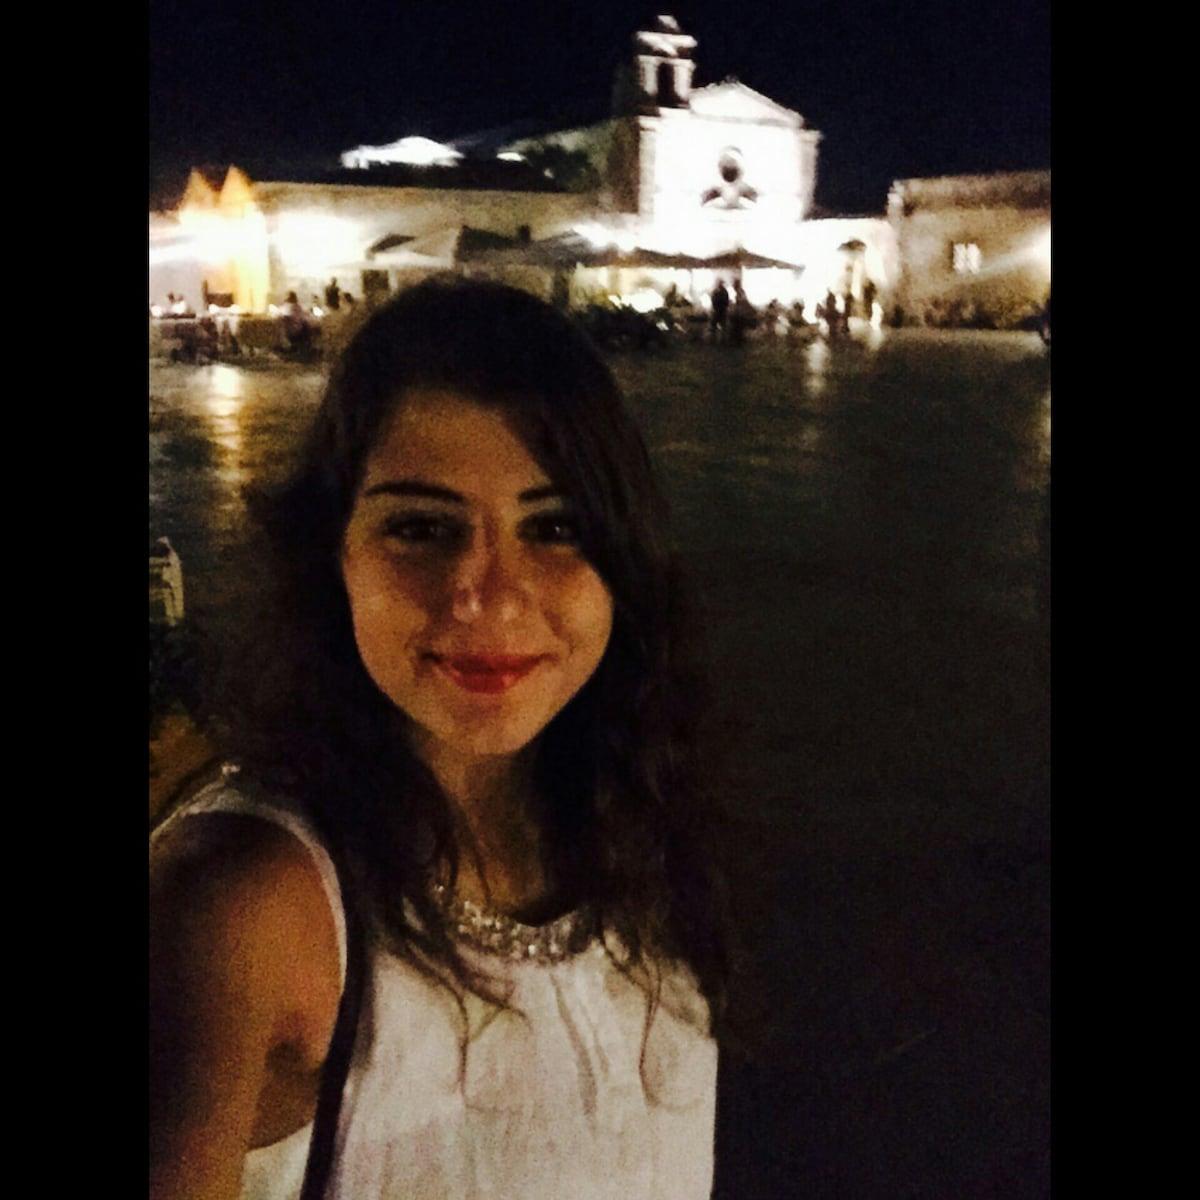 Martina from Pachino